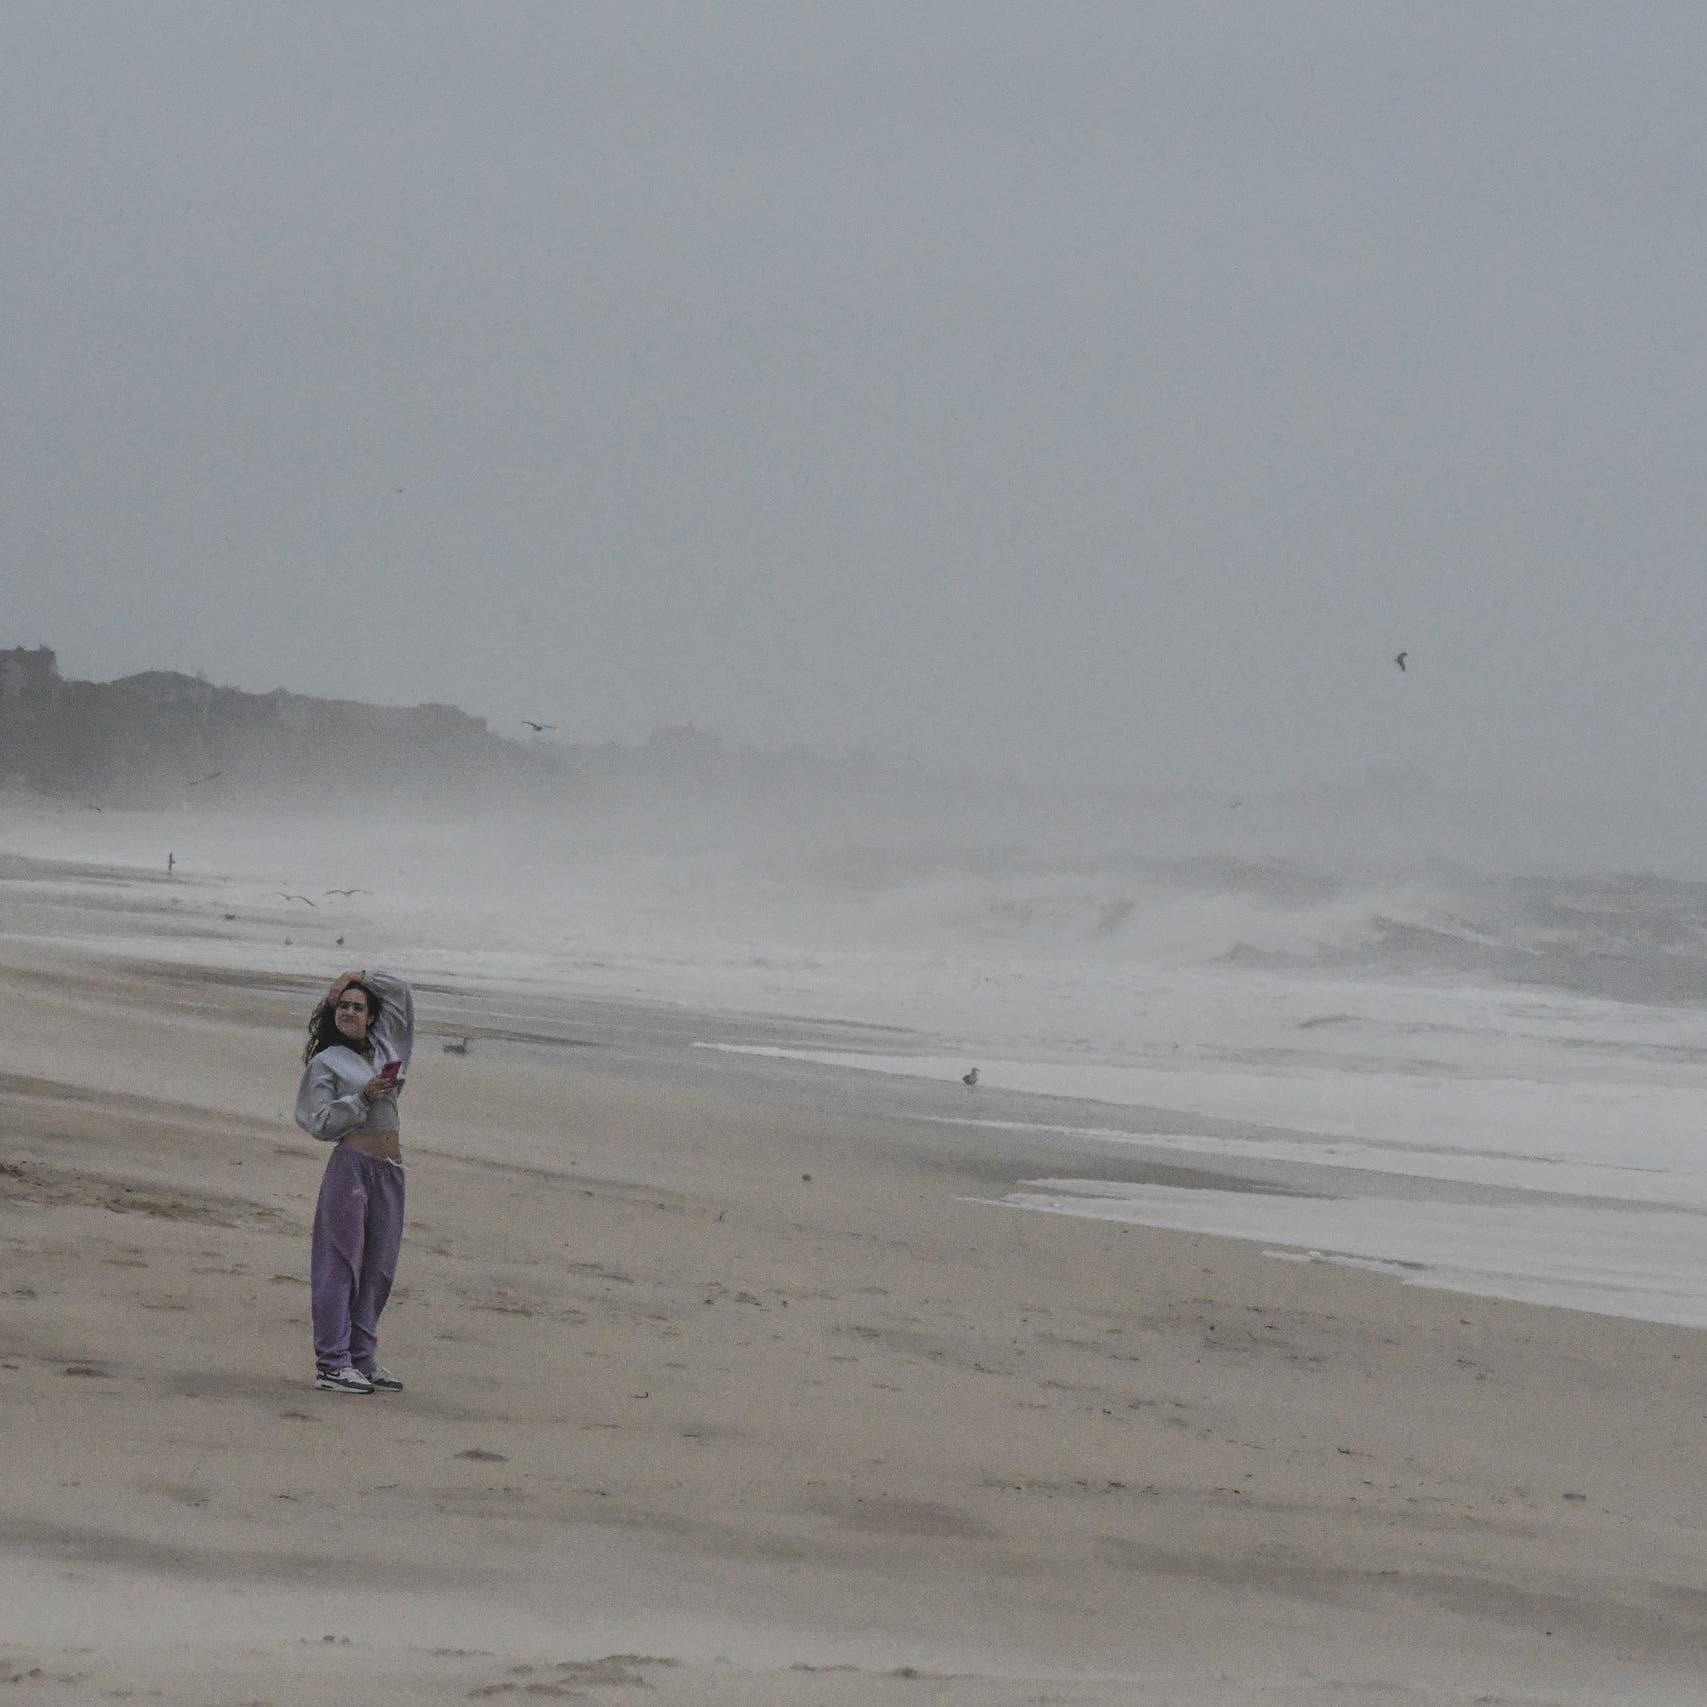 العاصفة هنري تضرب شرق الولايات المتحدة.. وتحذير من فيضانات